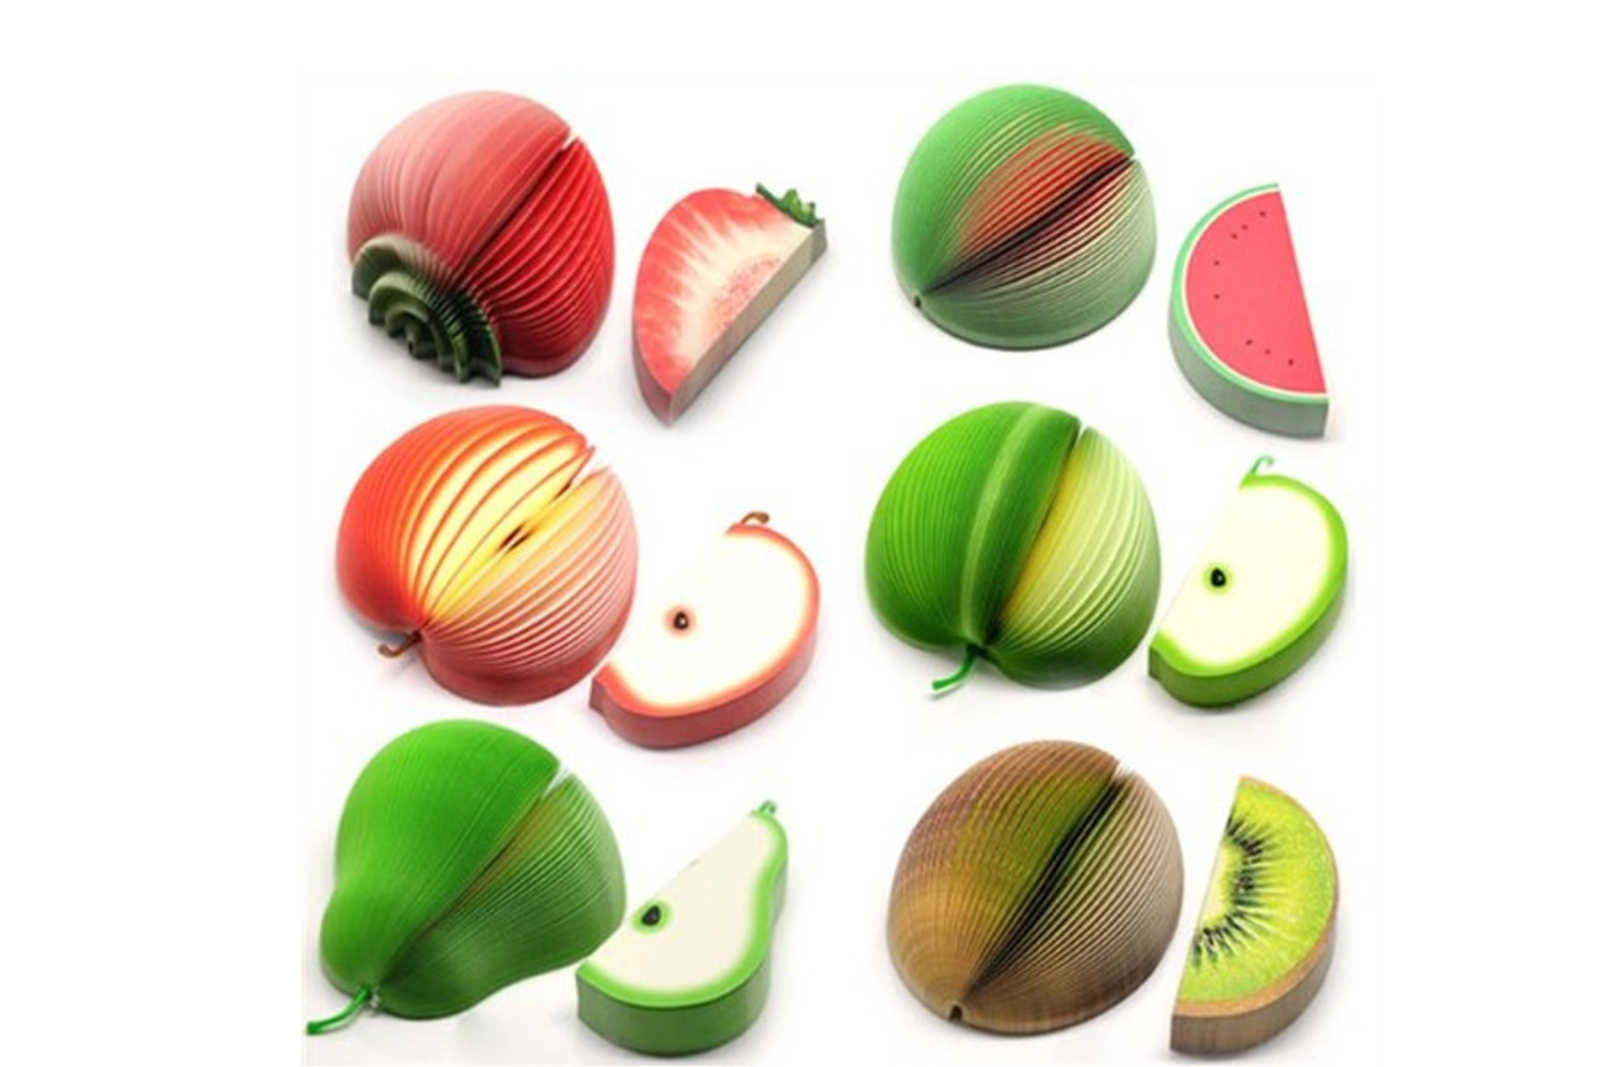 Erdbeer-Design: Diese 12 Gadgets versüßen Ihren Alltag | ANTENNE BAYERN